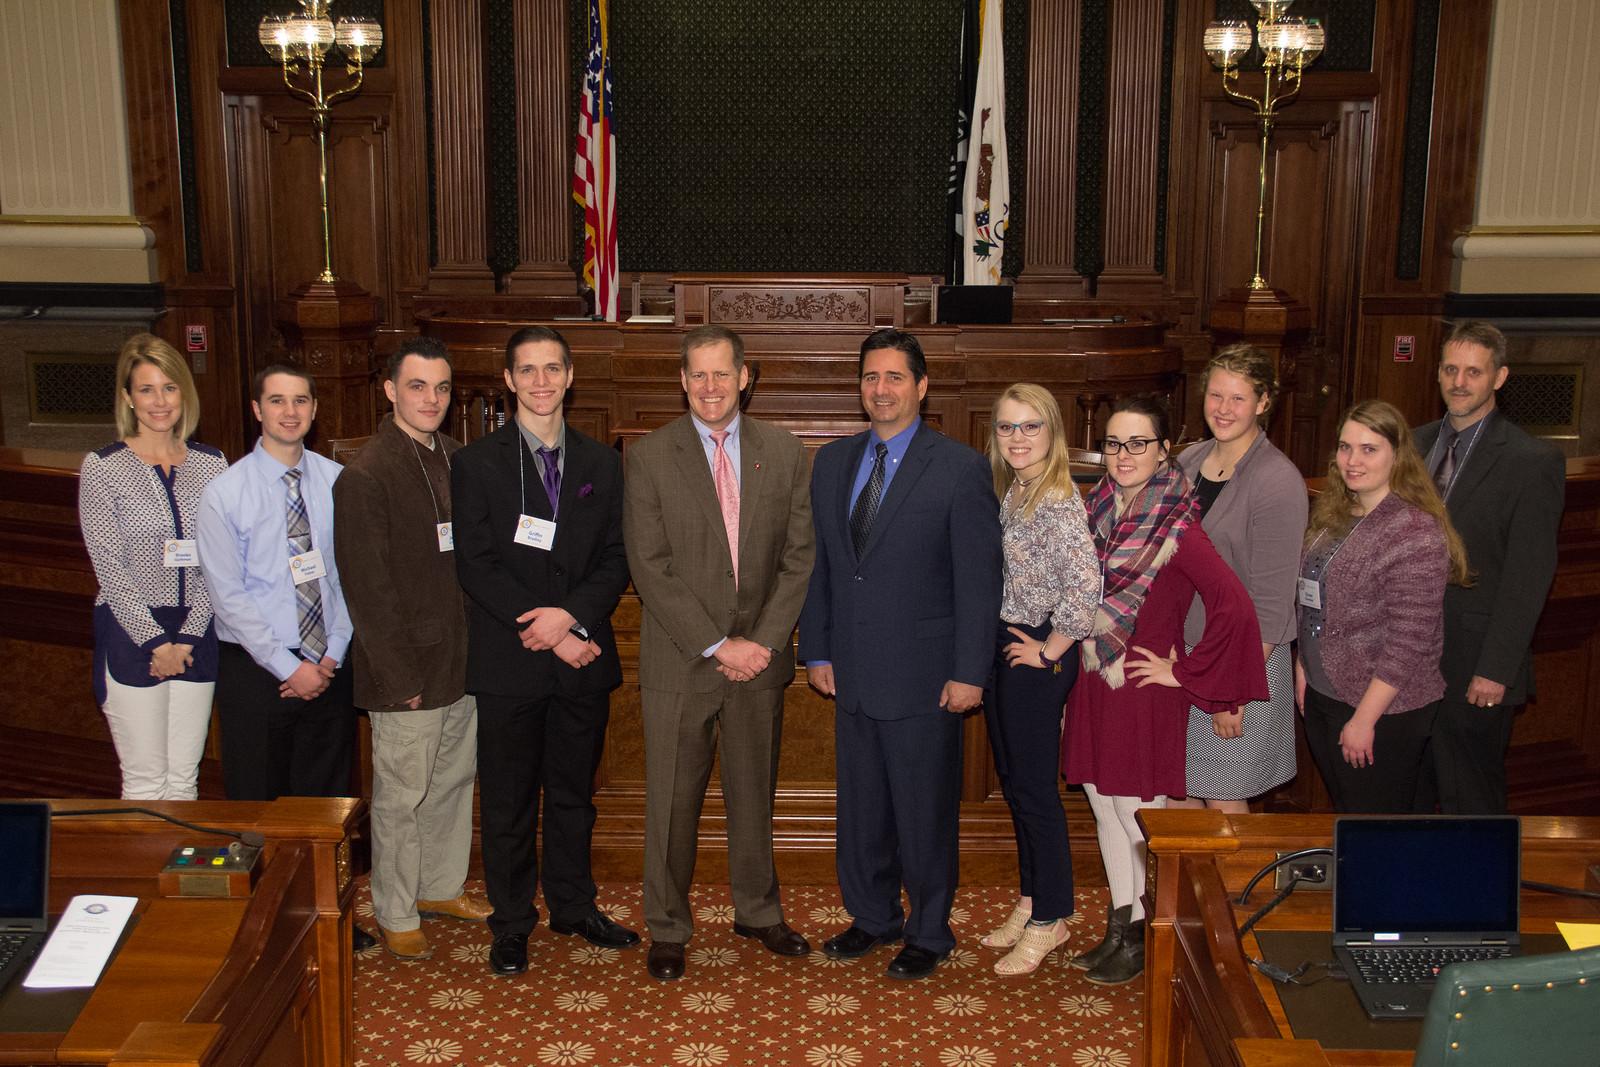 Group Photo with Senator Schimpf and Representative Costello